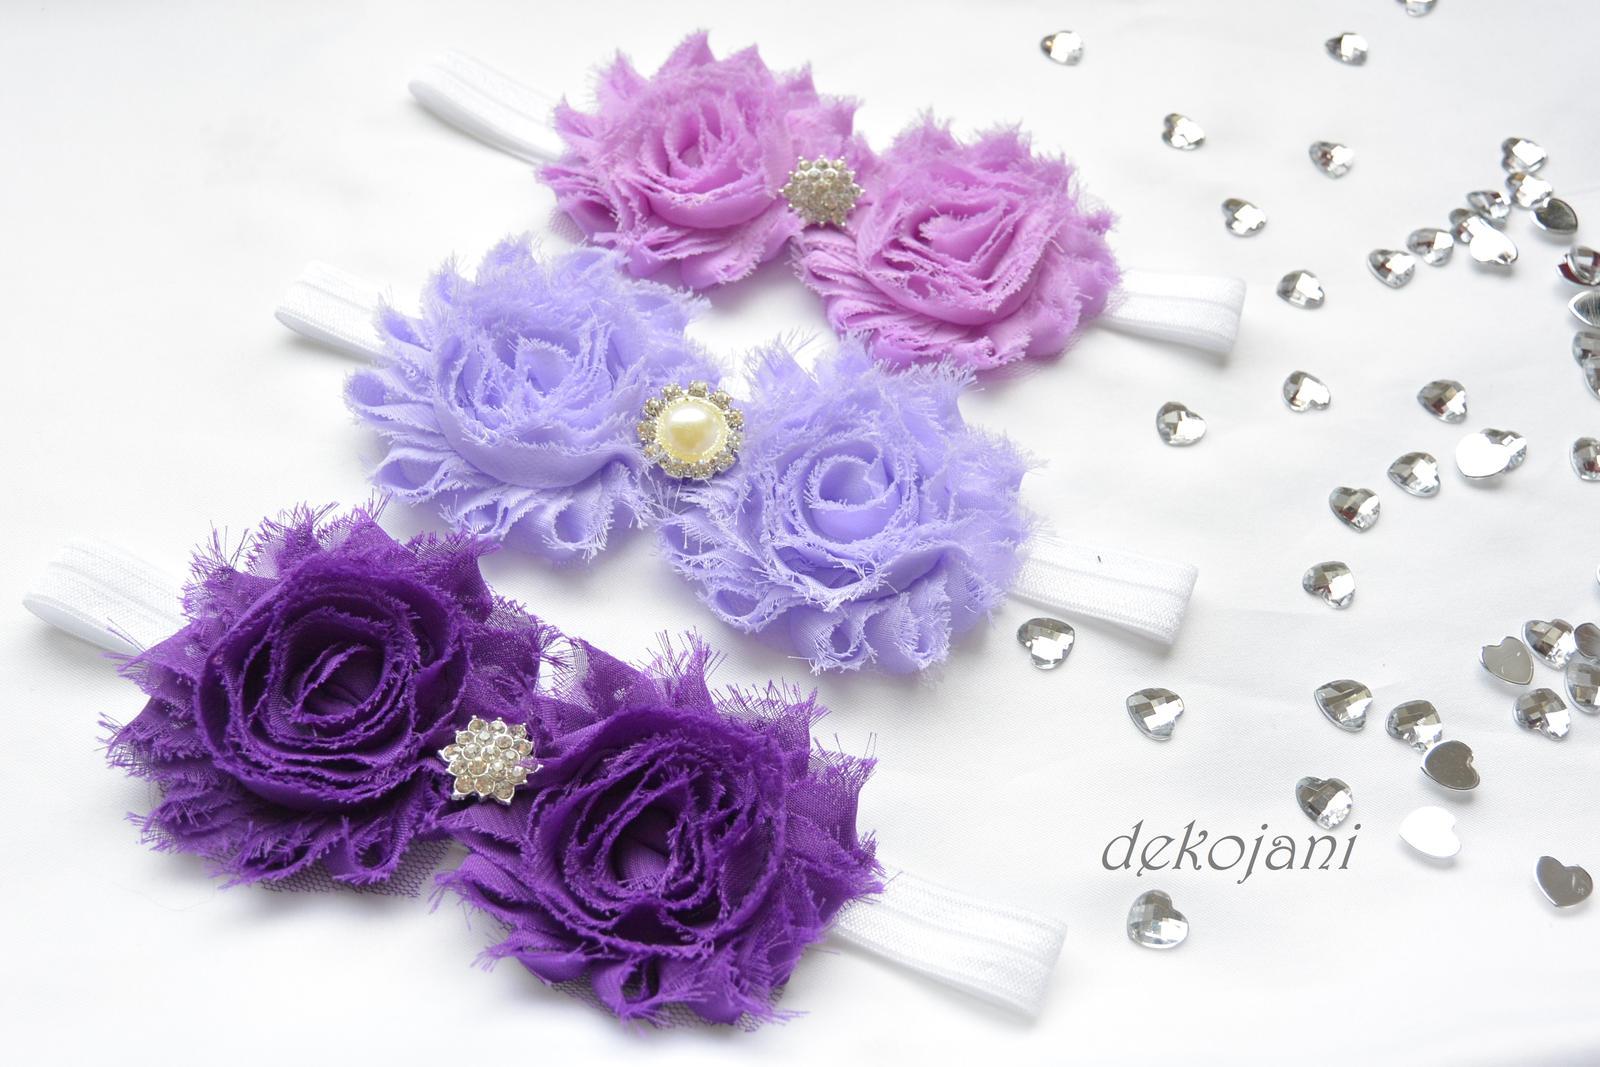 Čelenky, květiny do vlasů, náramky, obojek pro pejska... - Obrázek č. 9